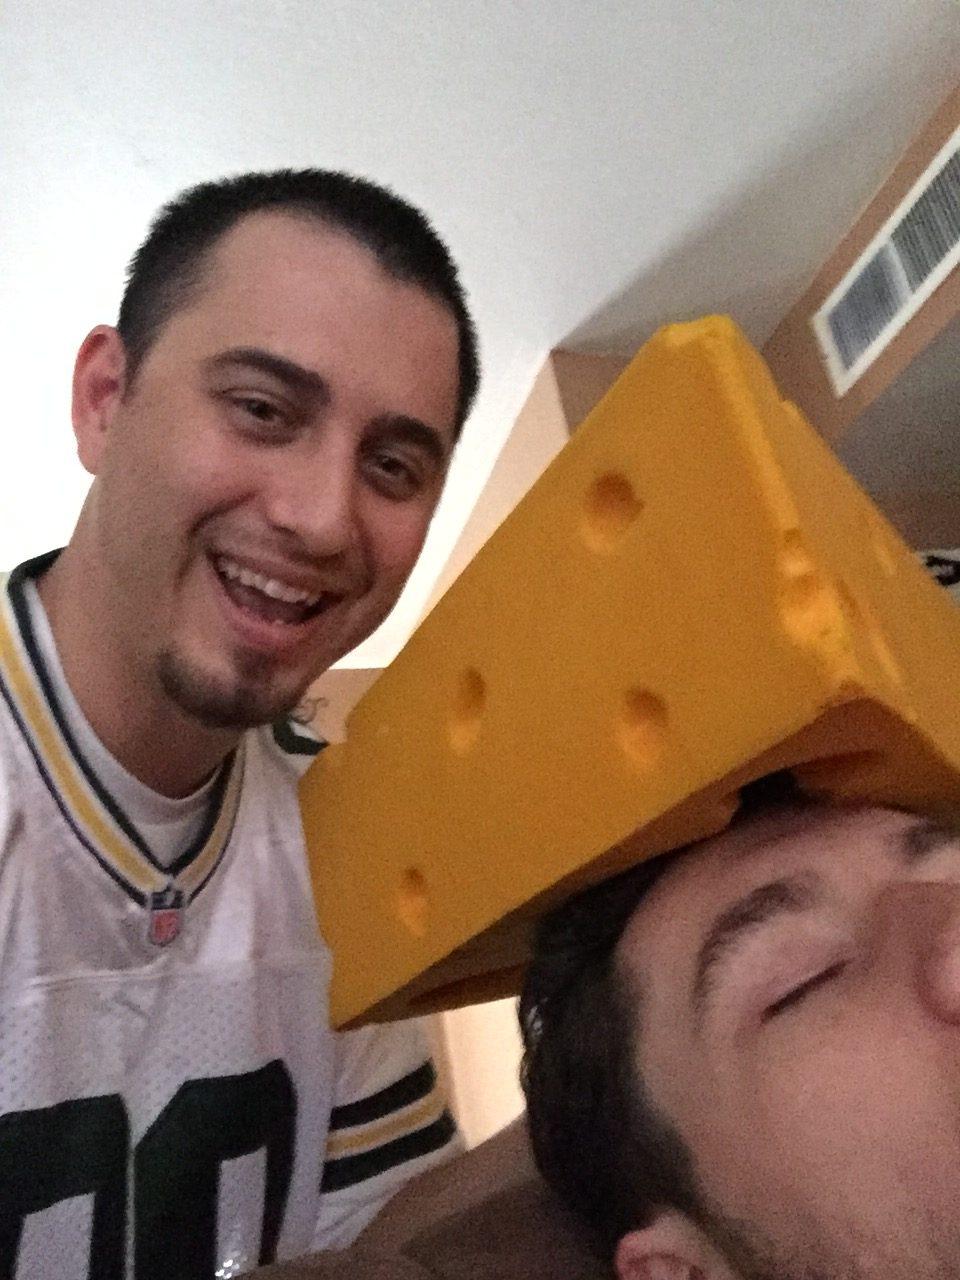 Brandon selfie with Blake asleep wearing Green Bay Packers cheesehead